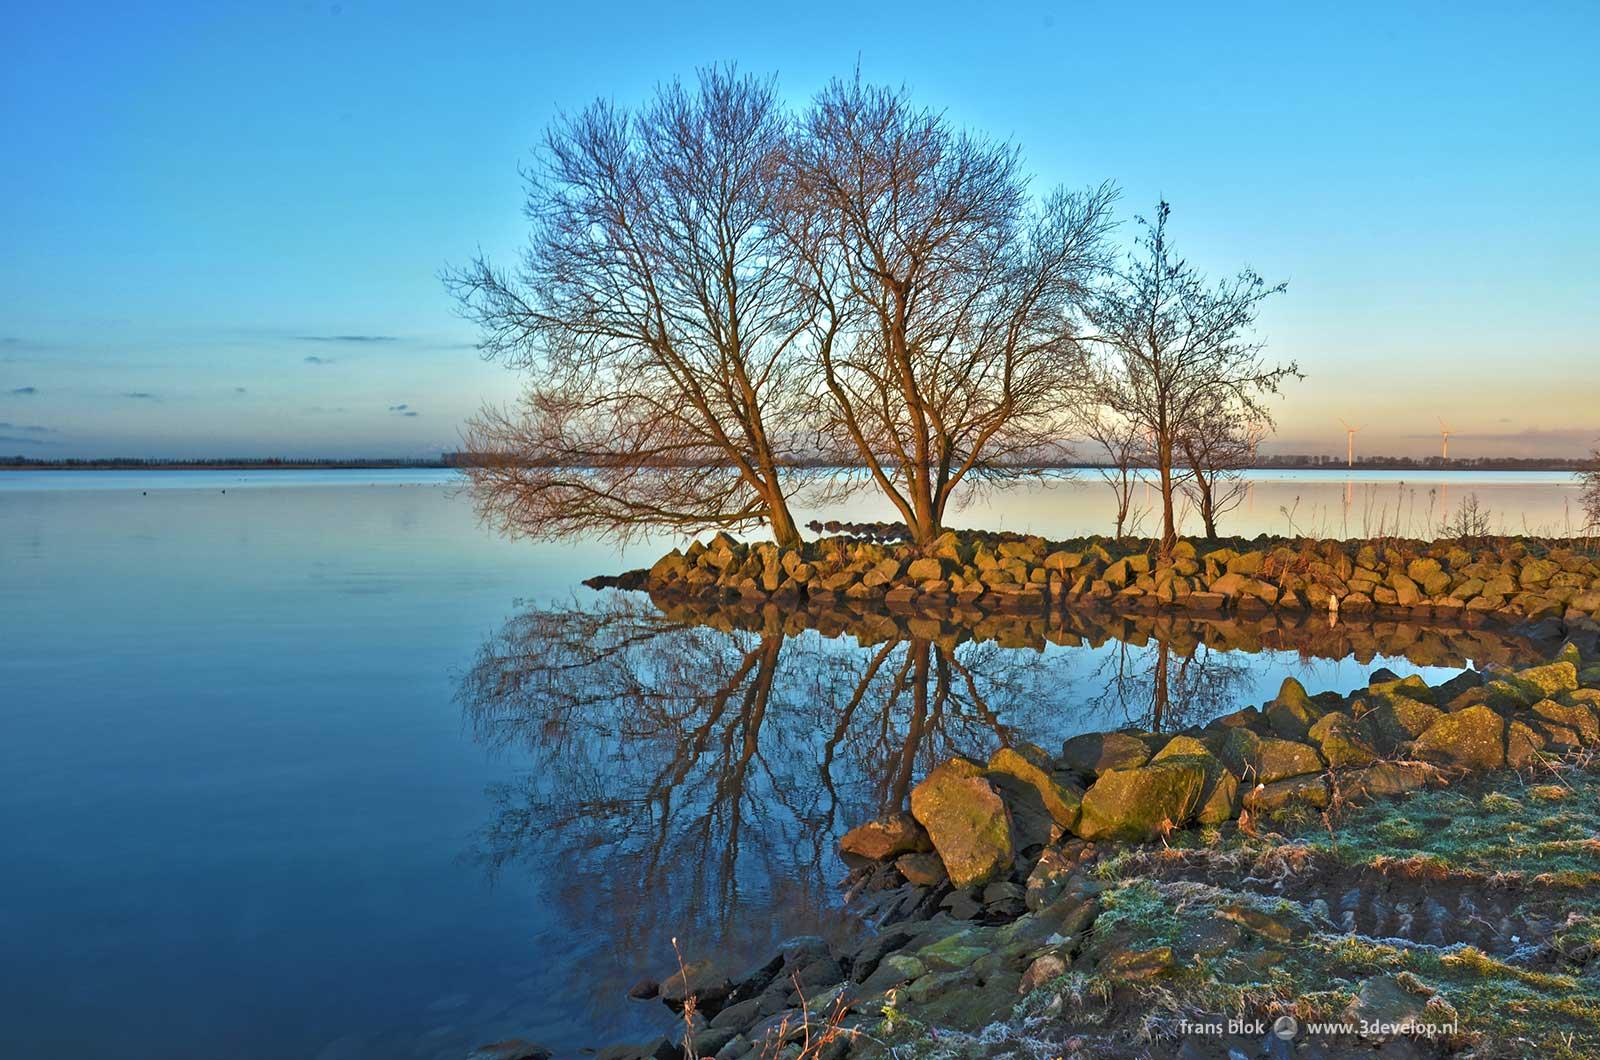 Korendijk Wetlands, the Netherlands